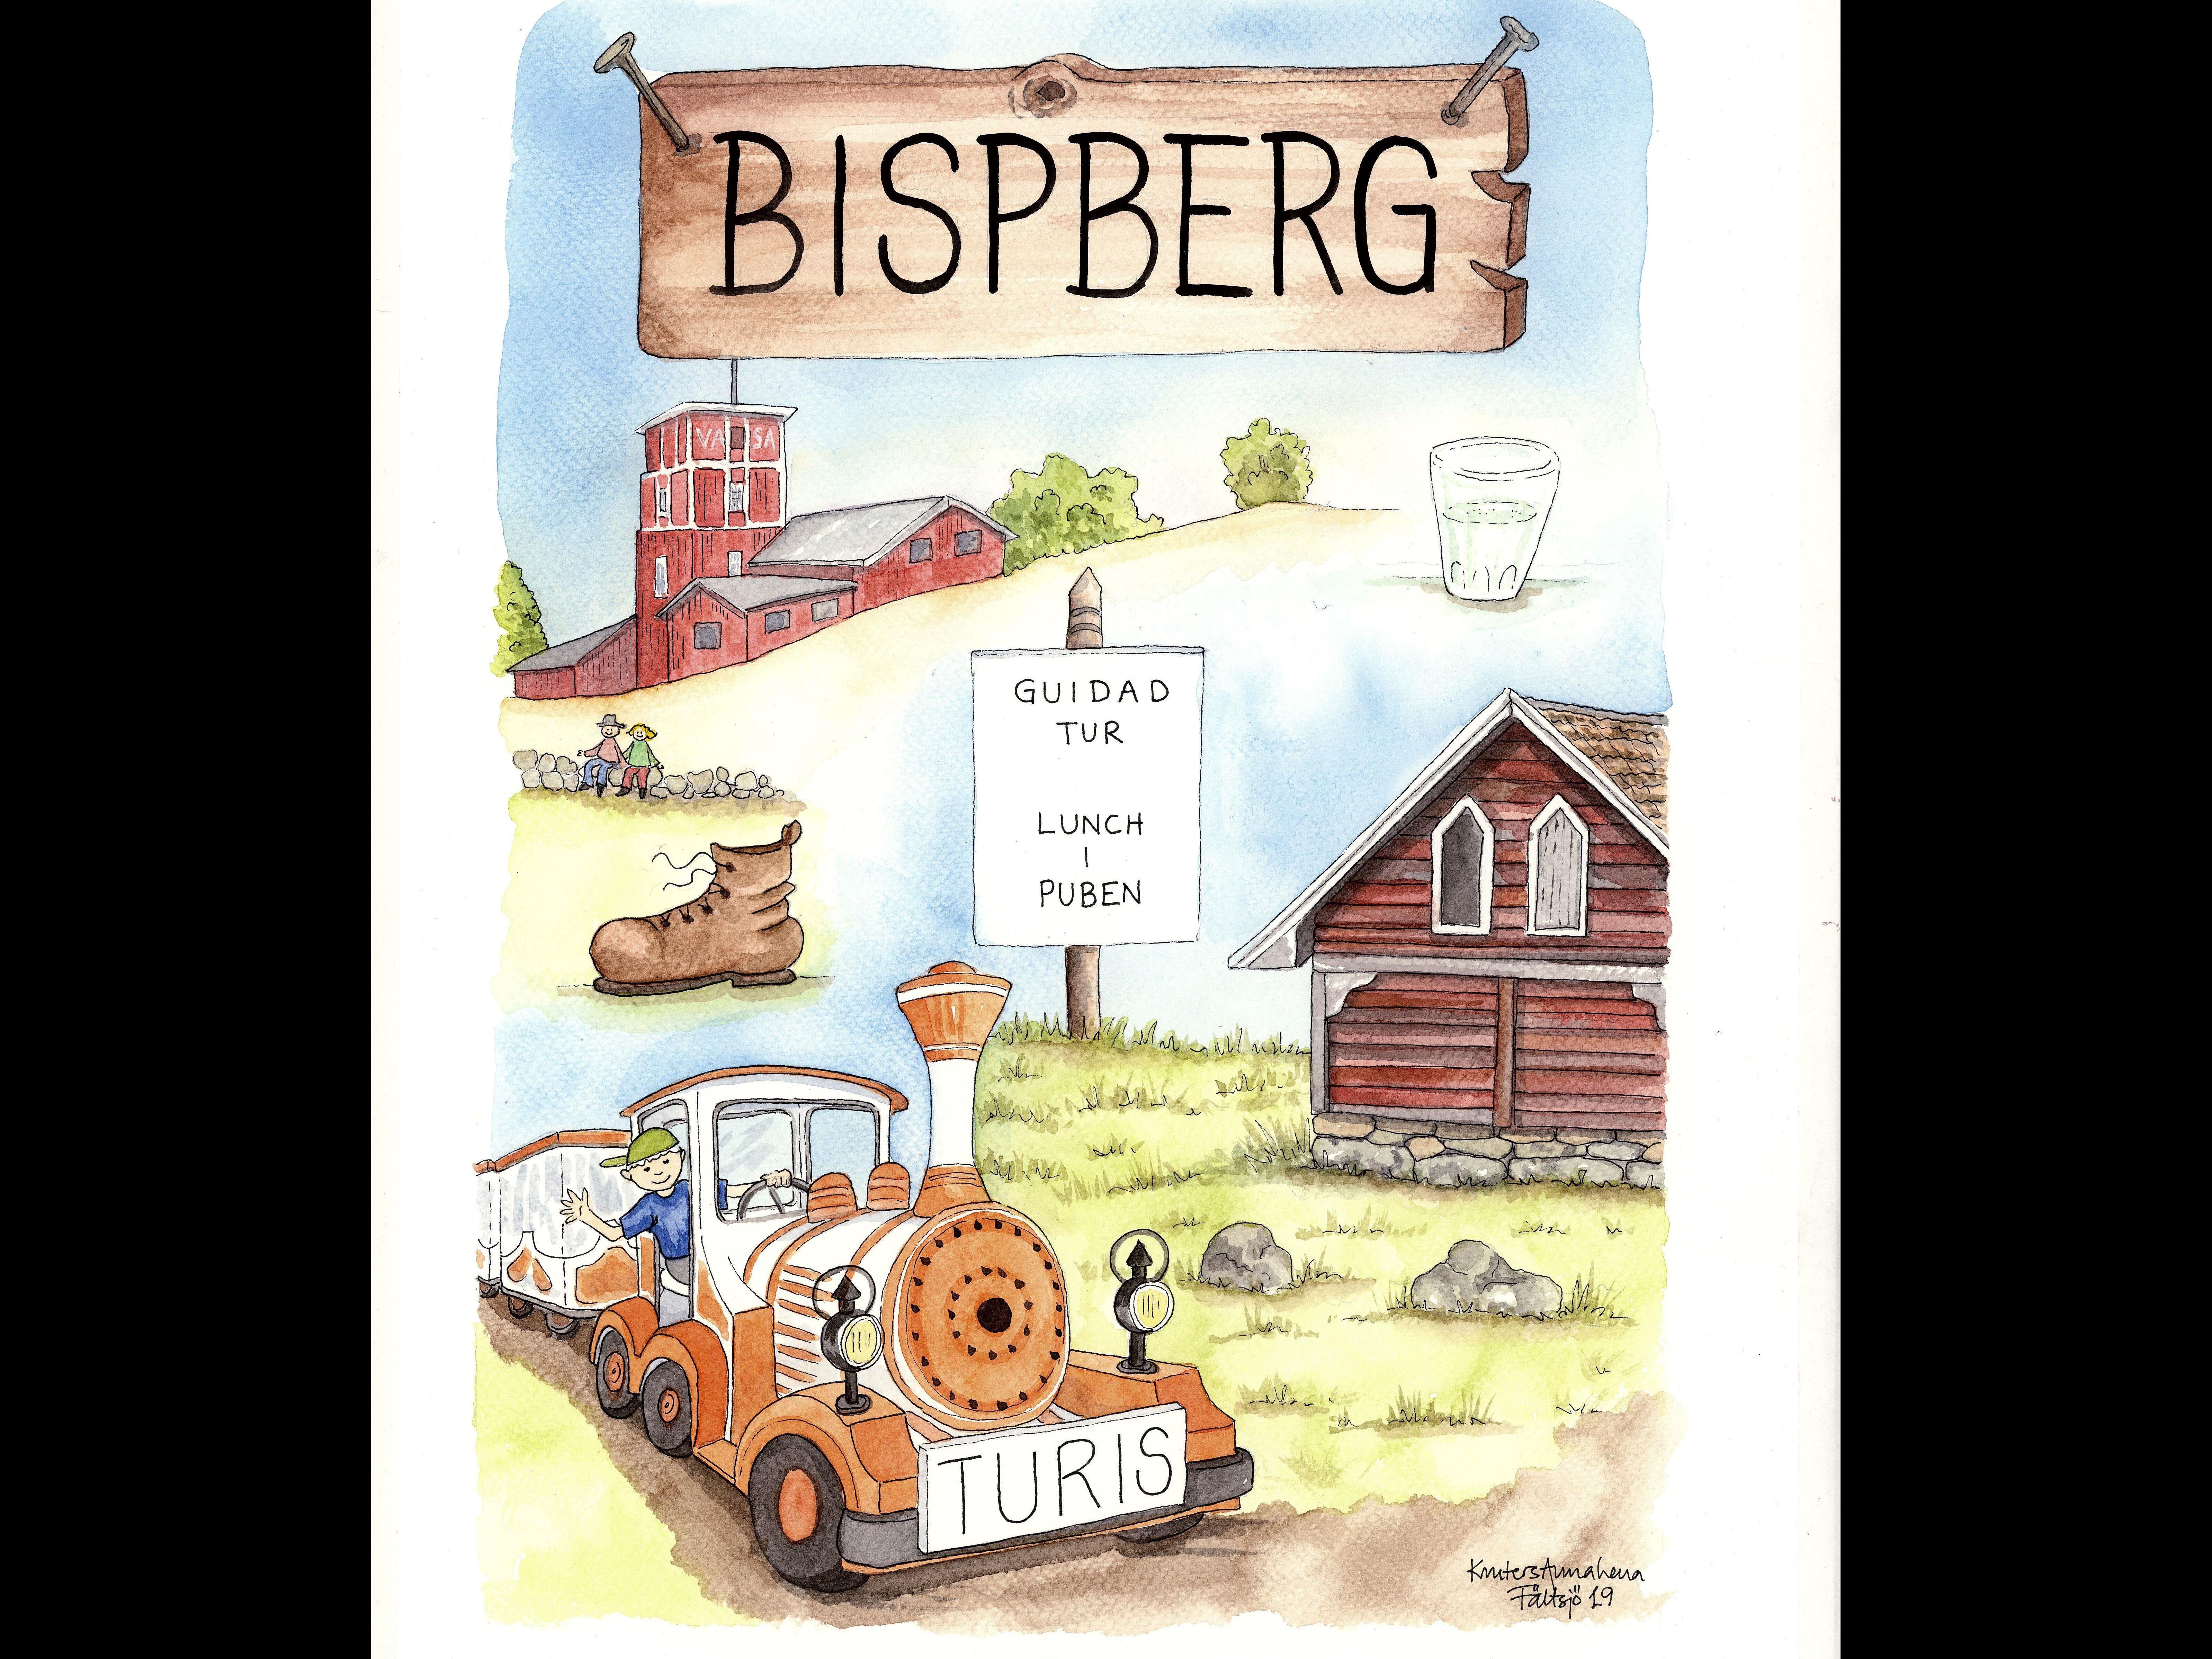 TURiS - Guidad tur till Bispberg